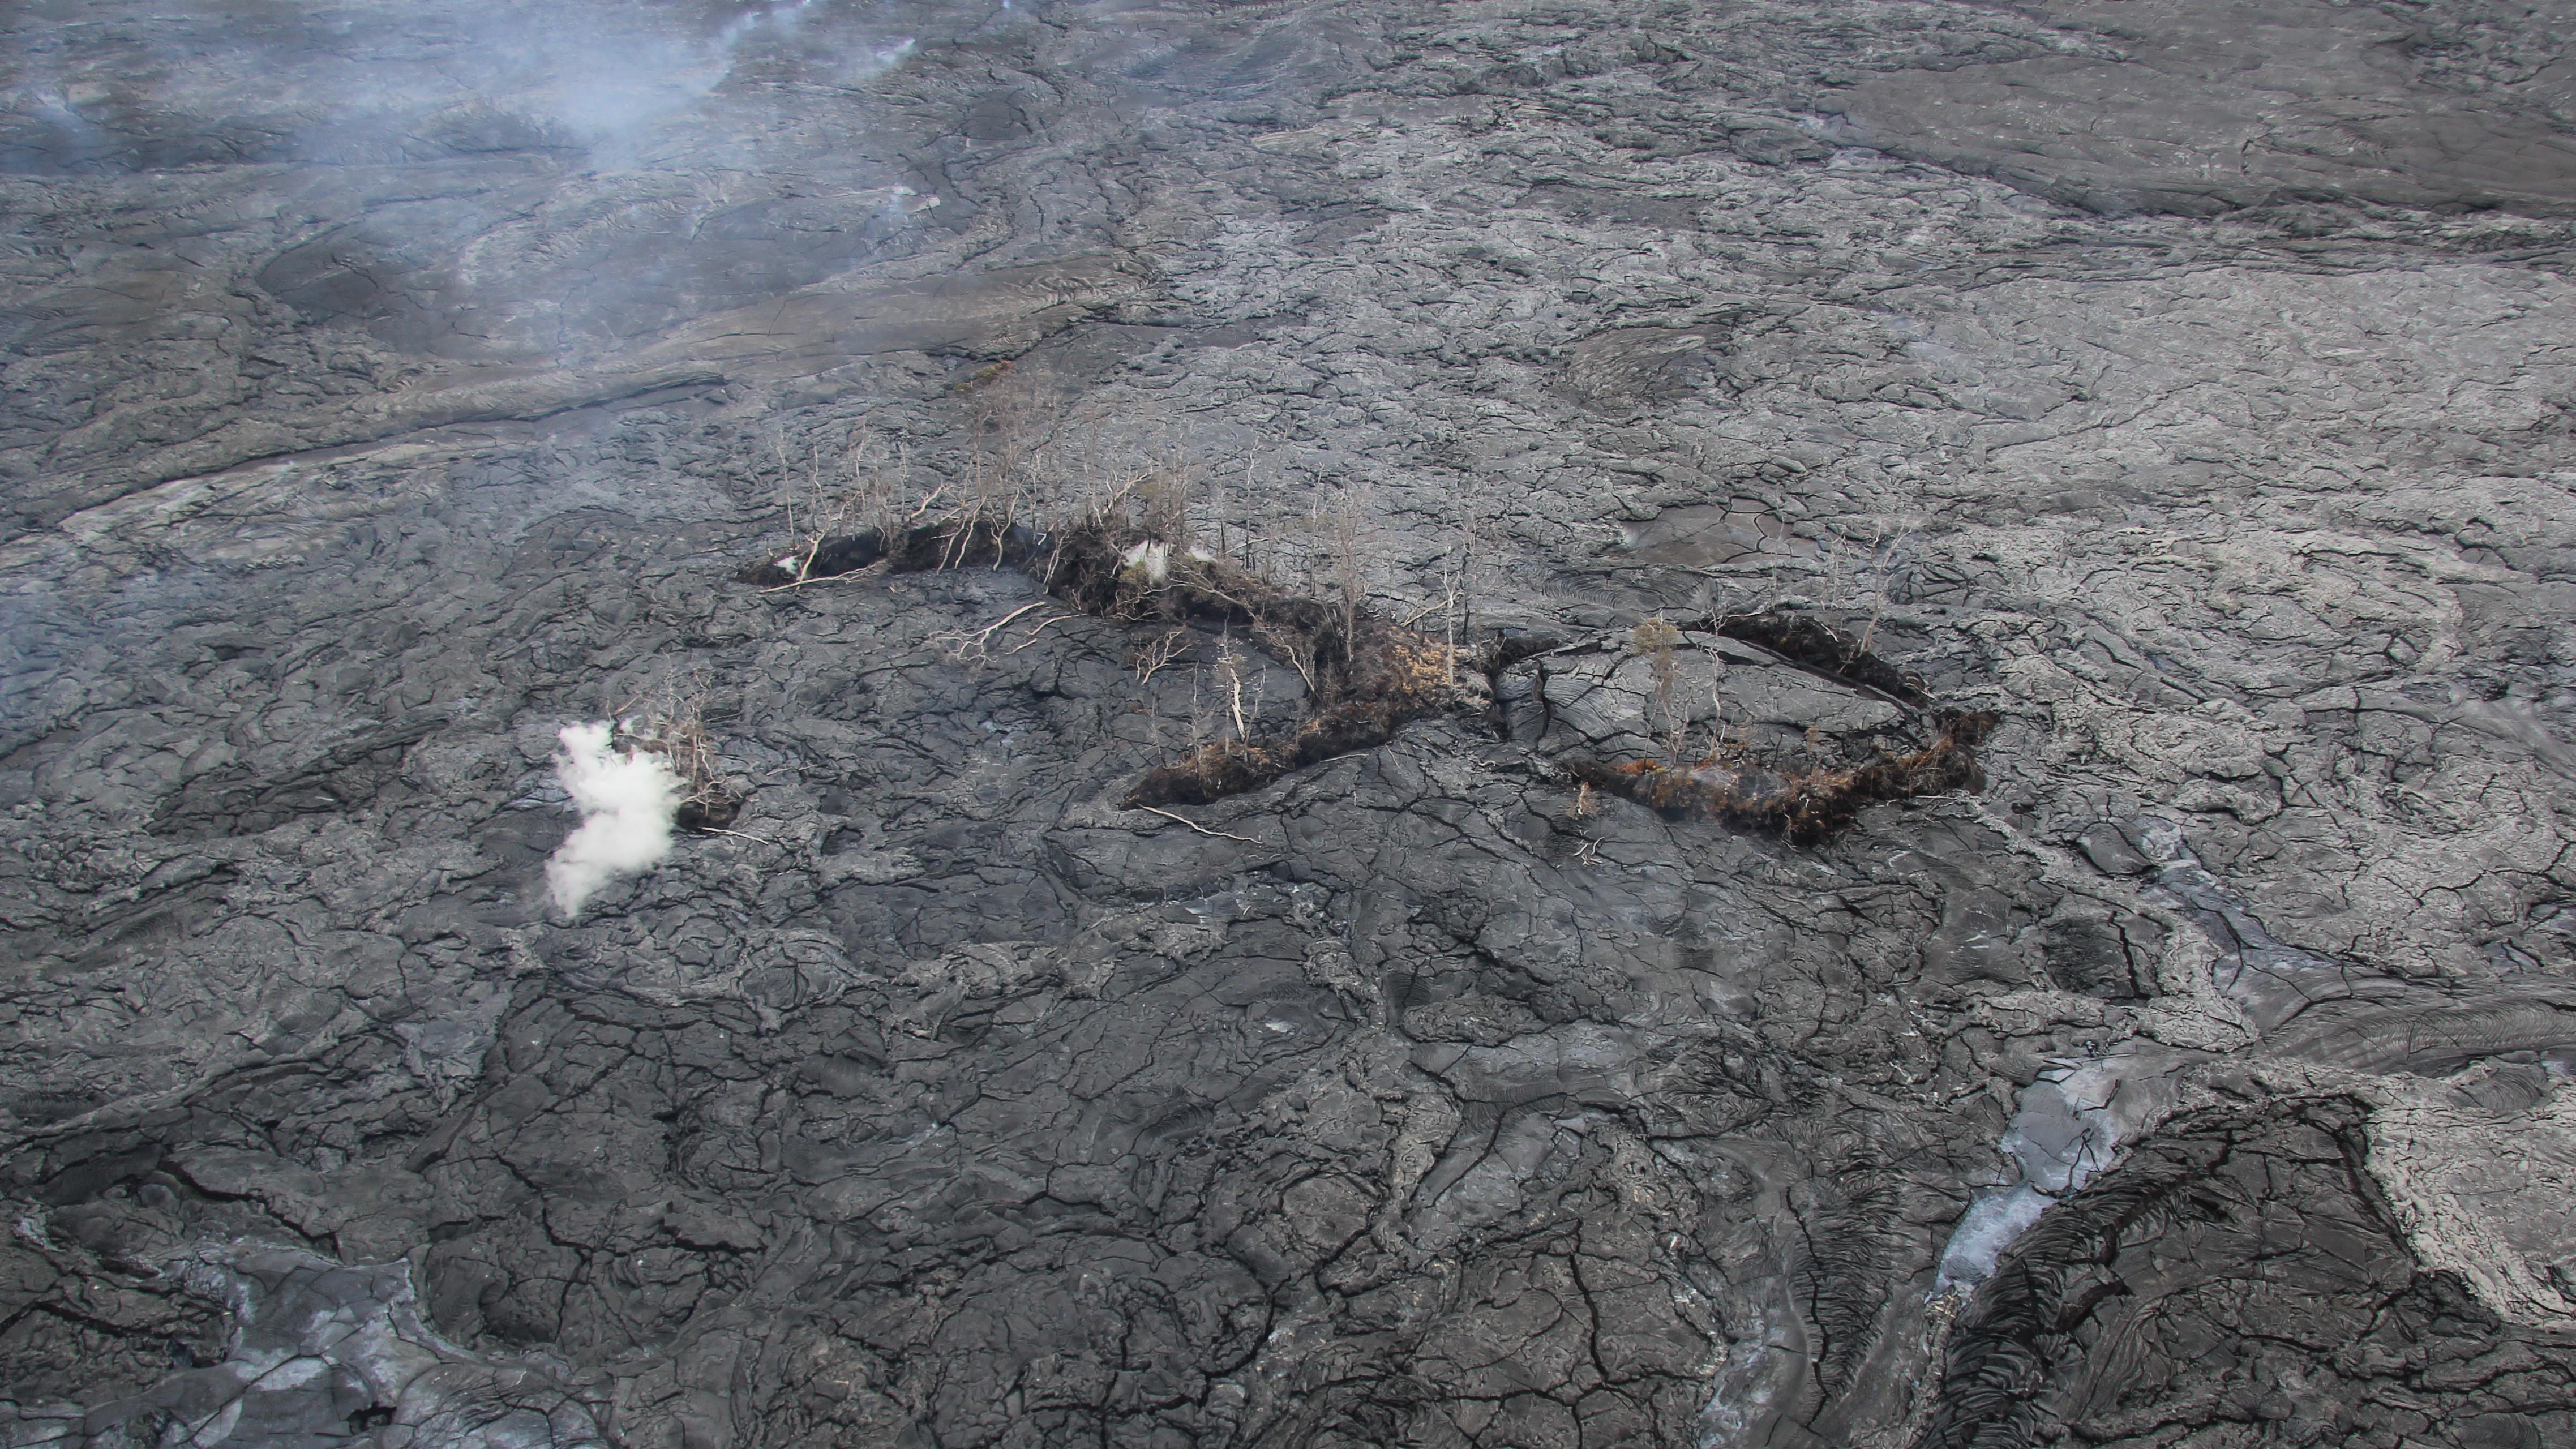 Pu'u Kahaualeʻa Buried By Lava, BLNR Considers Continued Closure